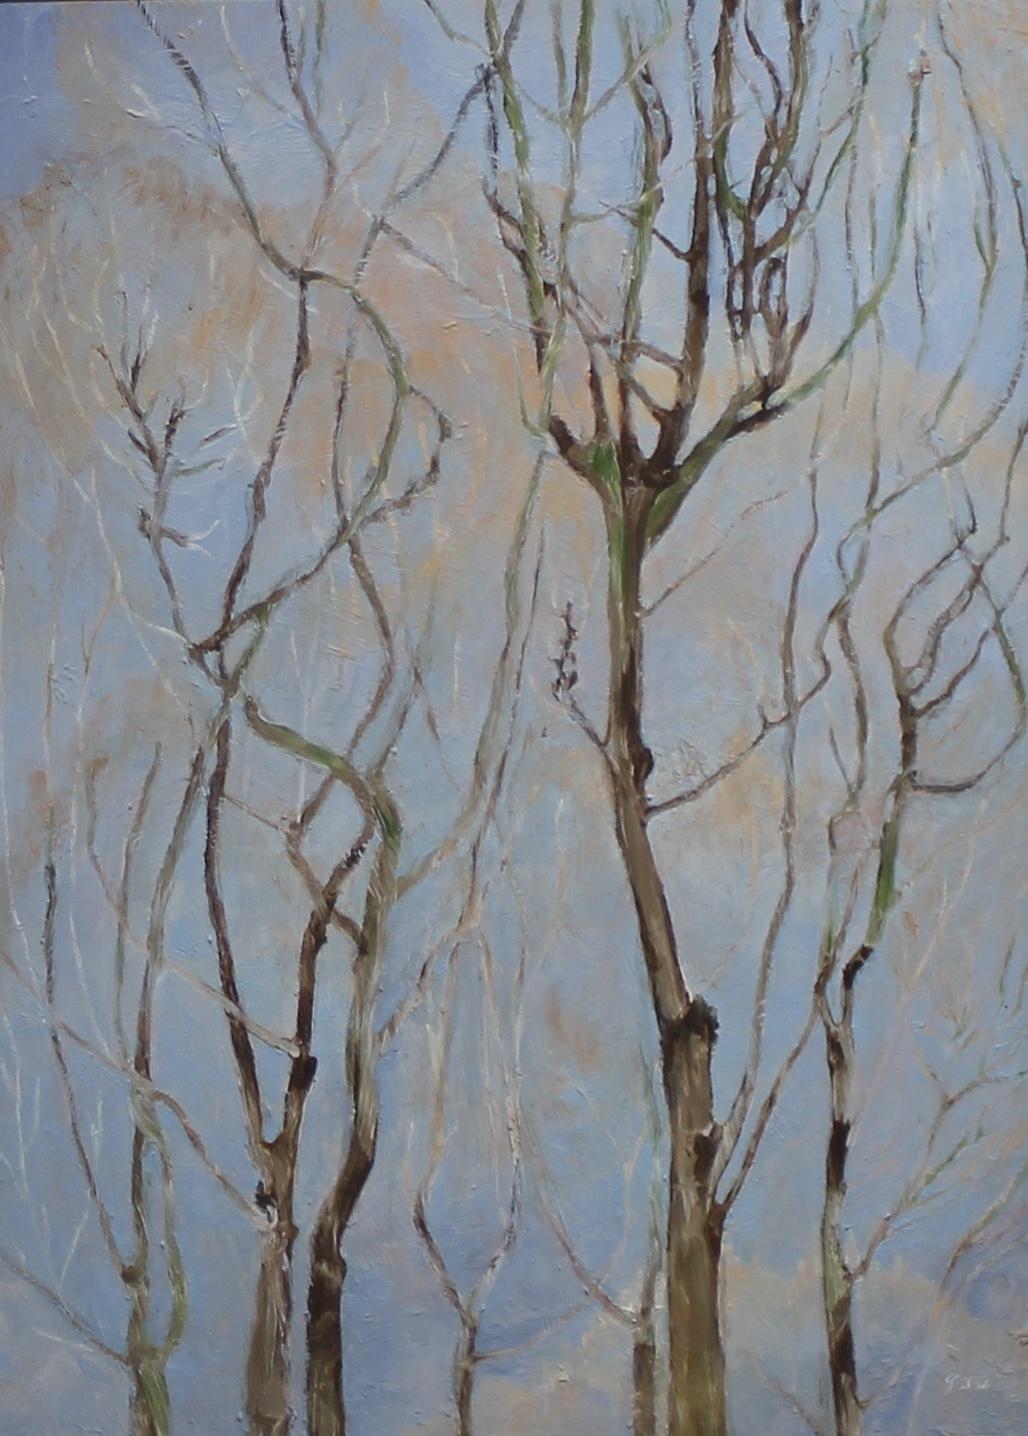 TREES ON BLUE - 25 X 18 - OIL ON PANEL - 2012